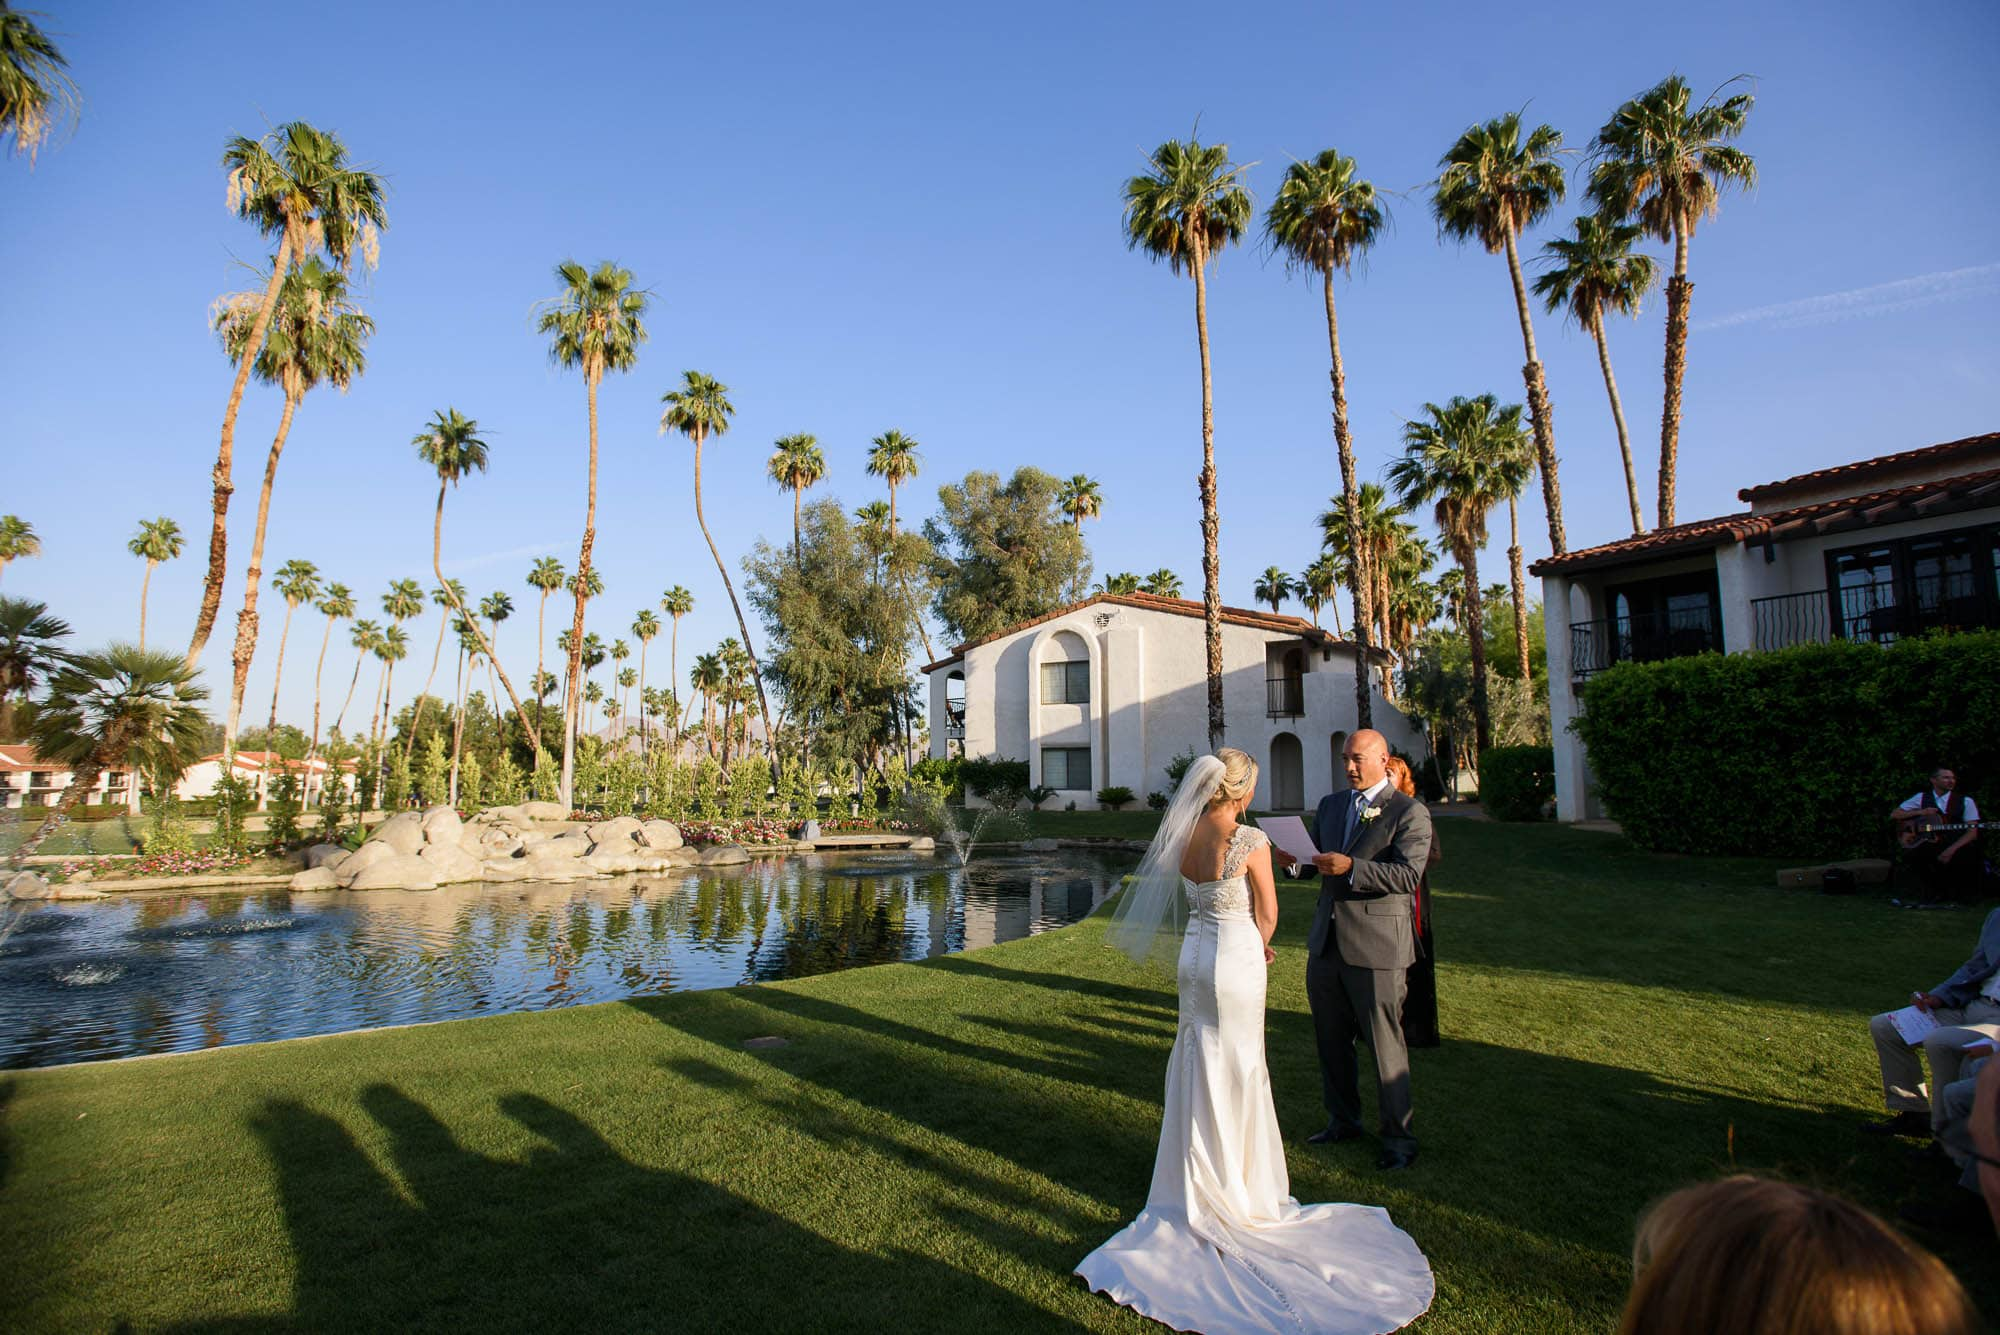 034_Alan_and_Heidi_Wedding_Amanda_Chad